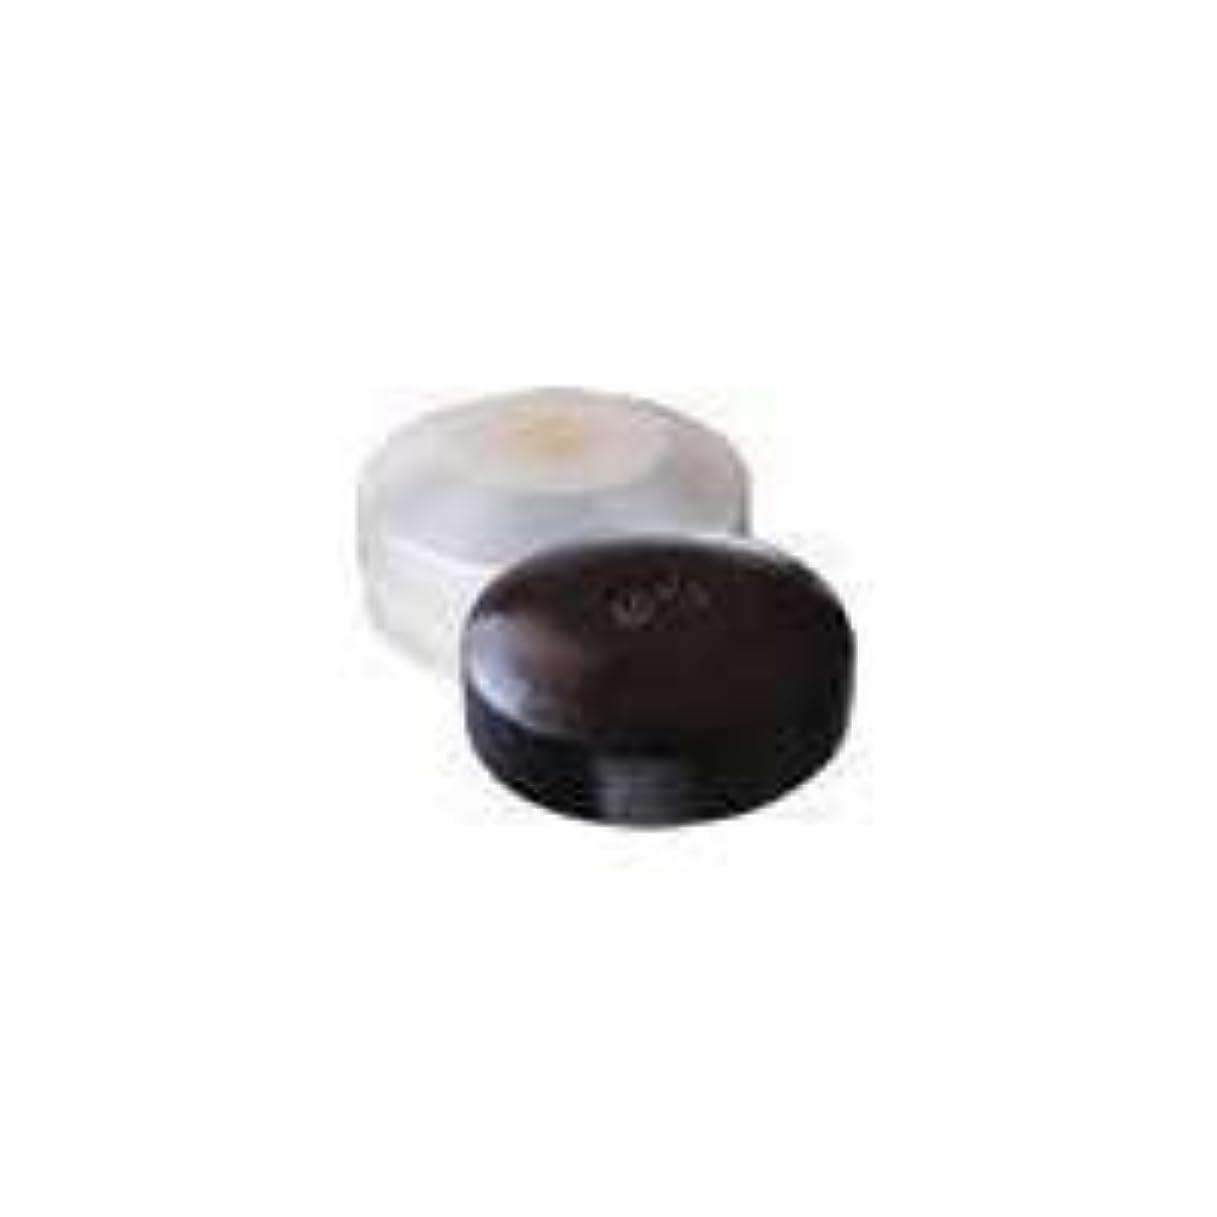 インタビュー抵抗力がある司令官マミヤンアロエ基礎化粧品シリーズ アロエクセルソープ 120g(ケース有) まろやかな泡立ち透明石鹸